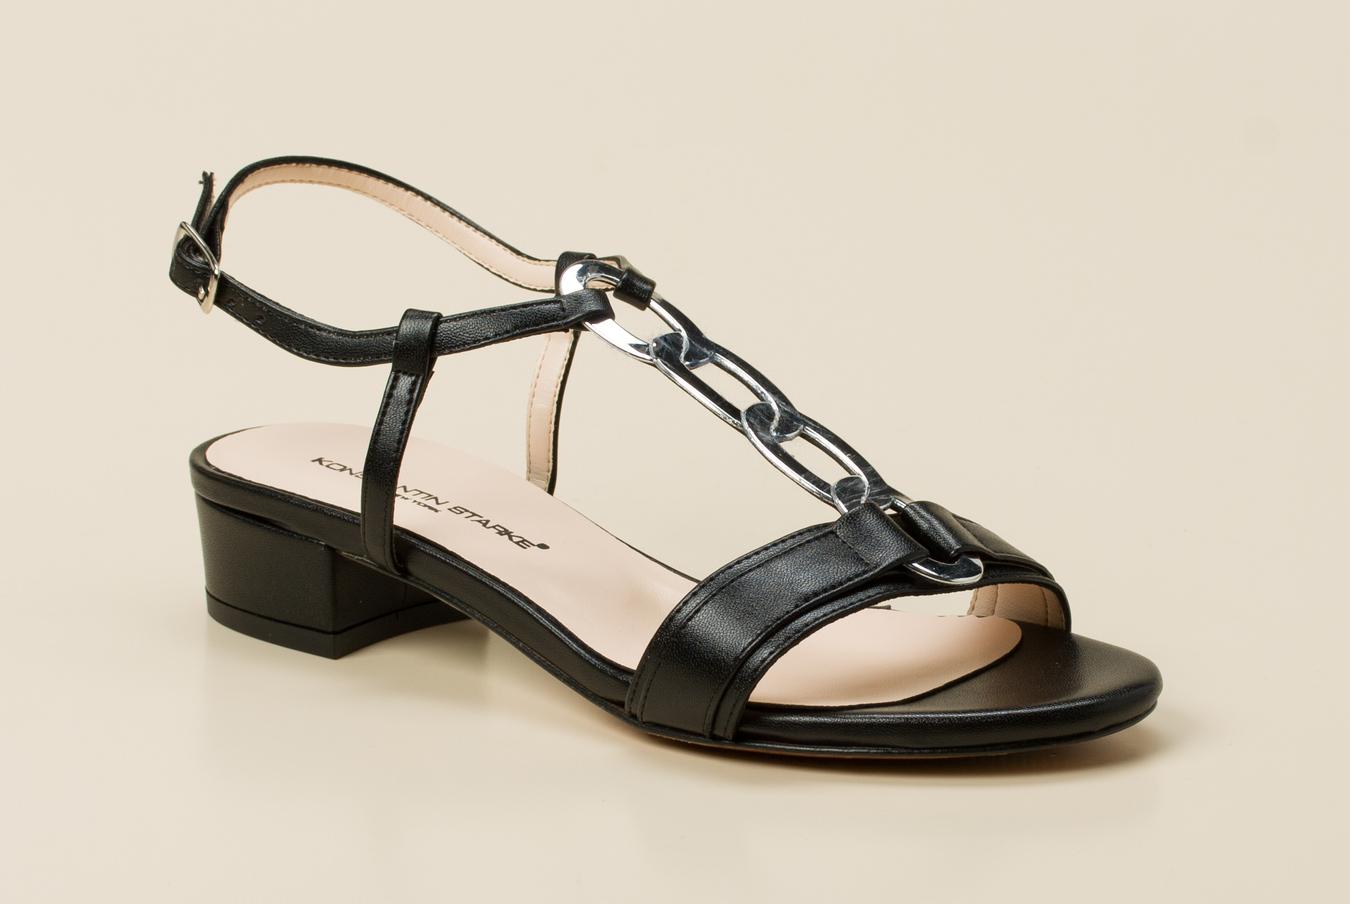 3fee6cb0d0932d Konstantin Starke Damen Sandalette in schwarz kaufen